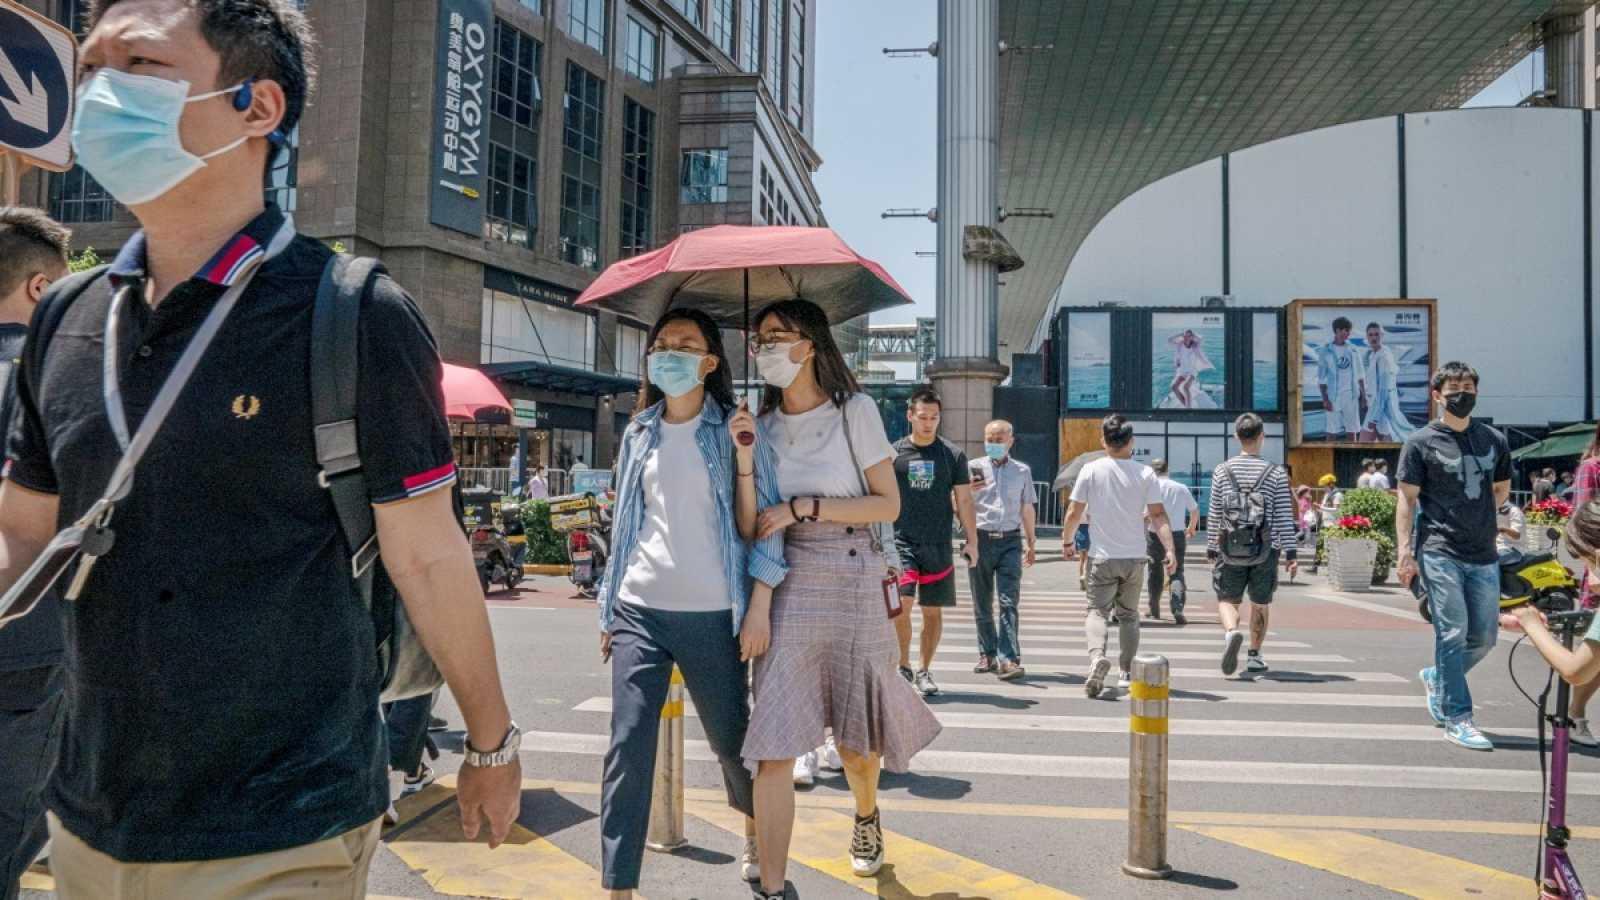 Viandantes con mascarilla cruzan la calle en el distrito comercial de Pekín, China, cuando el país ya ha conseguido controlar la pandemia de coronavirus.